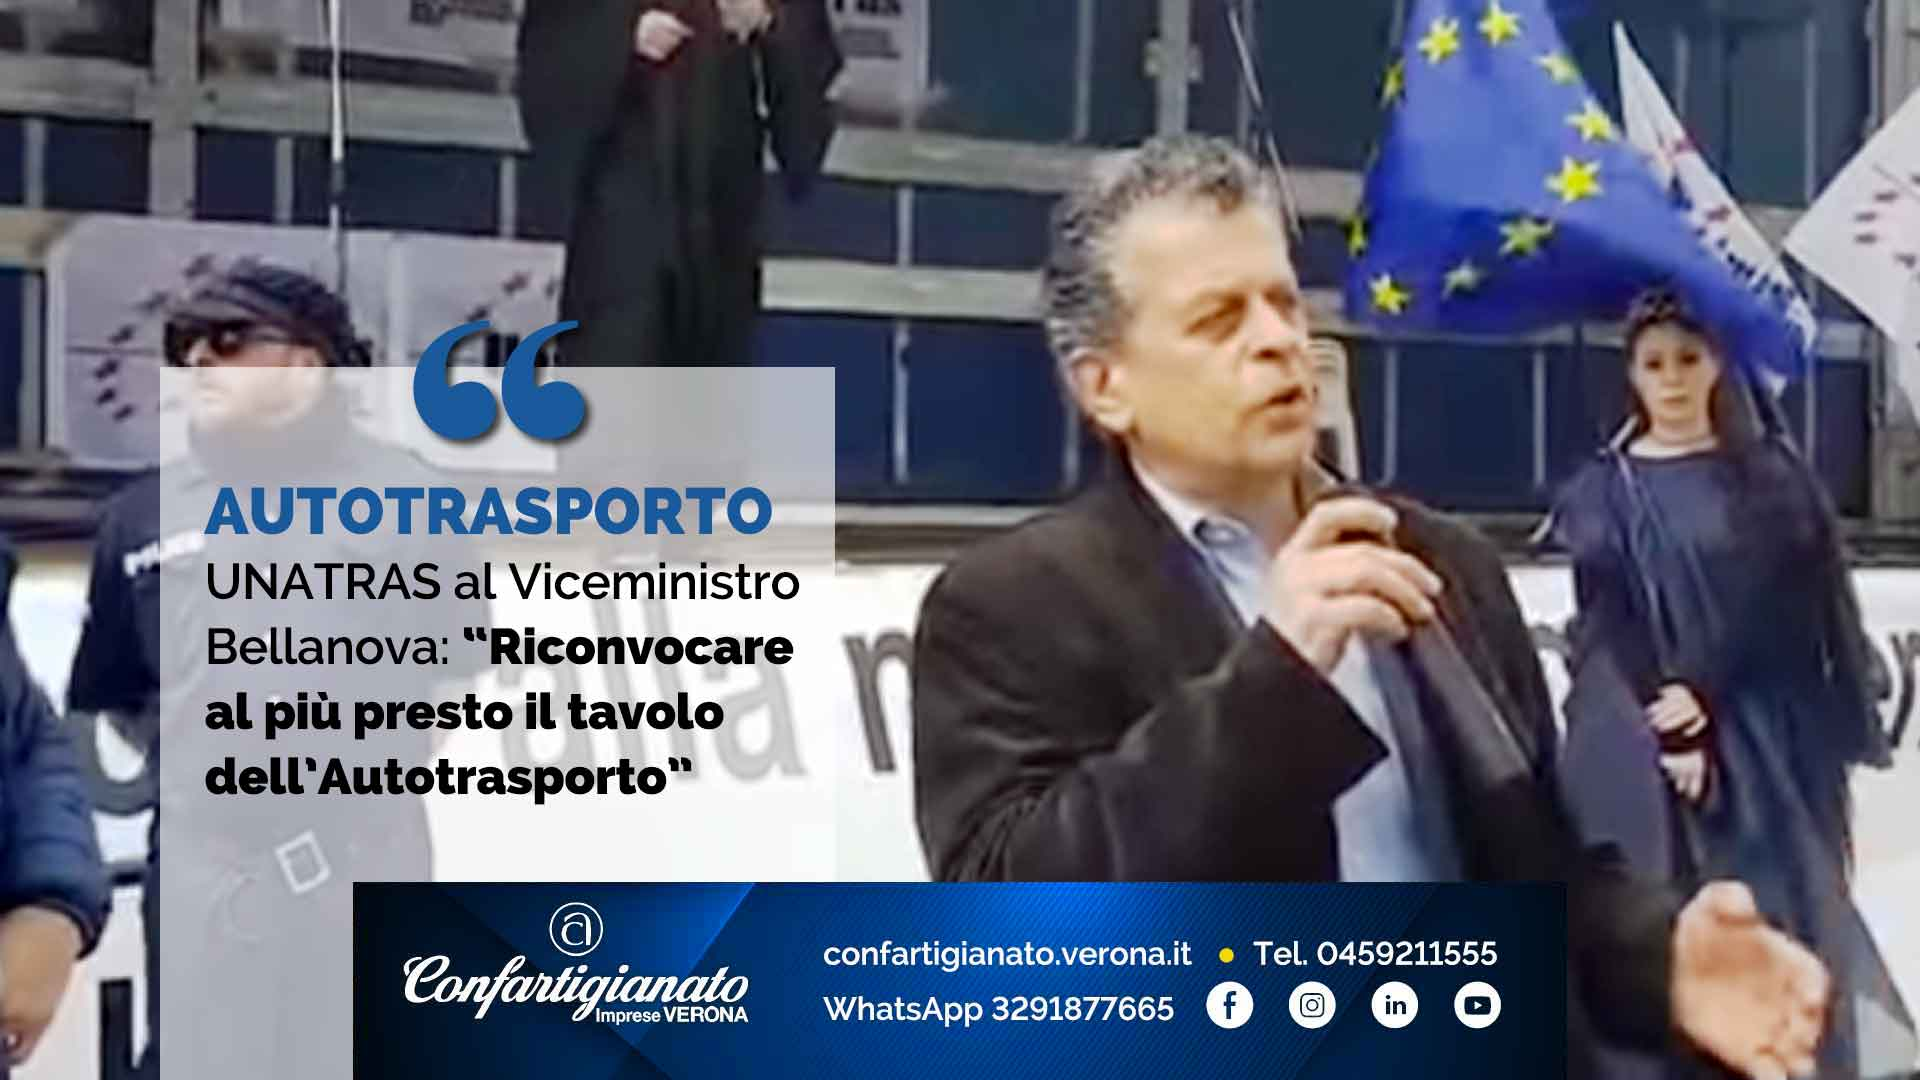 """AUTOTRASPORTO – UNATRAS al Viceministro Bellanova: """"Riconvocare al più presto il tavolo dell'Autotrasporto"""""""